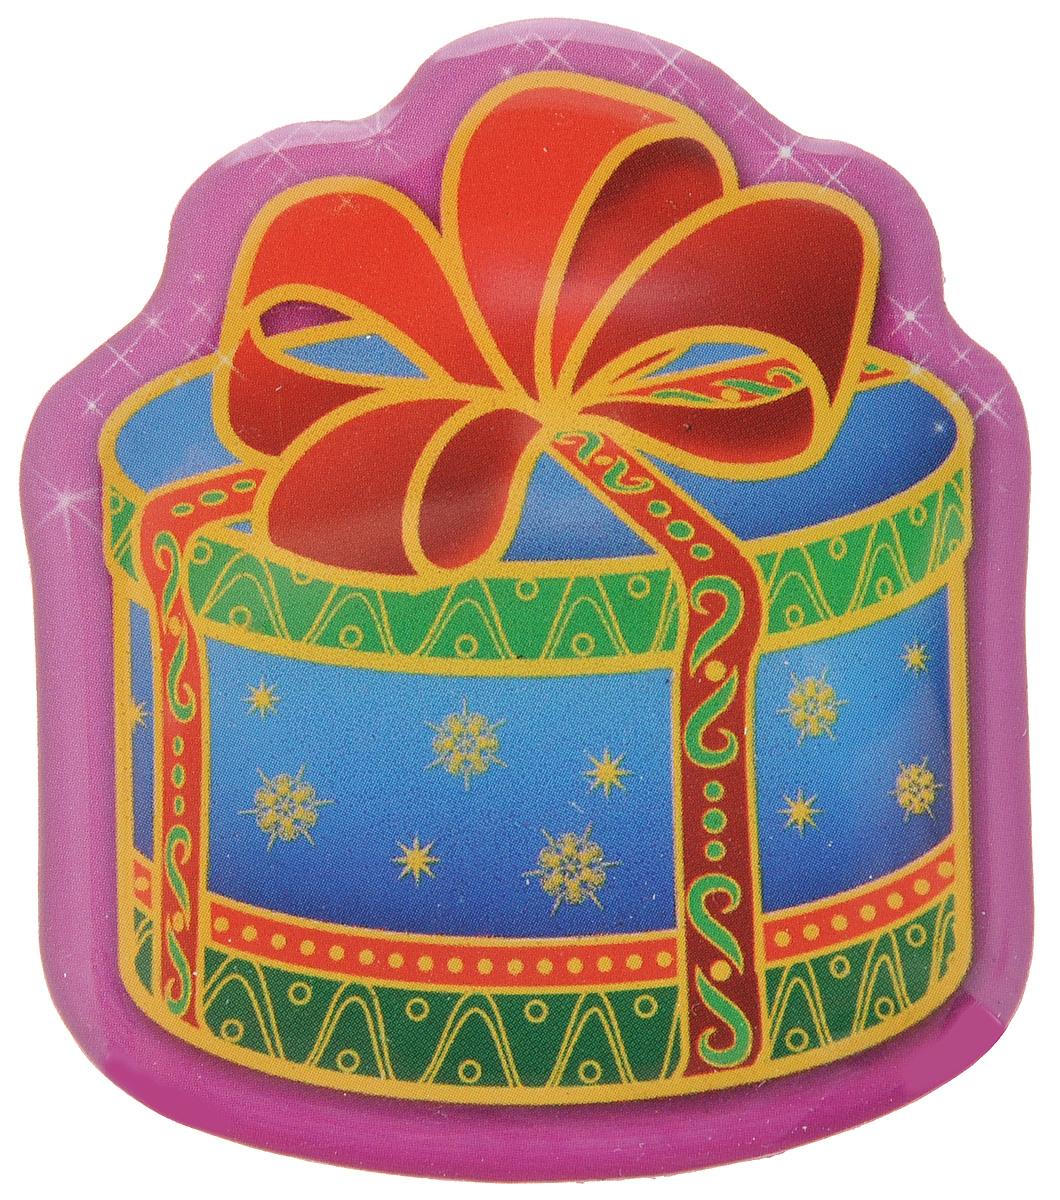 Магнит Феникс-Презент Magic Time, 6,5 х 5,5 см31543Магнит в форме подарка Феникс-Презент Magic Time, выполненный из агломерированного феррита, станет приятным штрихом в повседневной жизни. Оригинальный магнит, декорированный изображением подарка с бантом, поможет вам украсить не только холодильник, но и любую другую магнитную поверхность. Материал: агломерированный феррит.